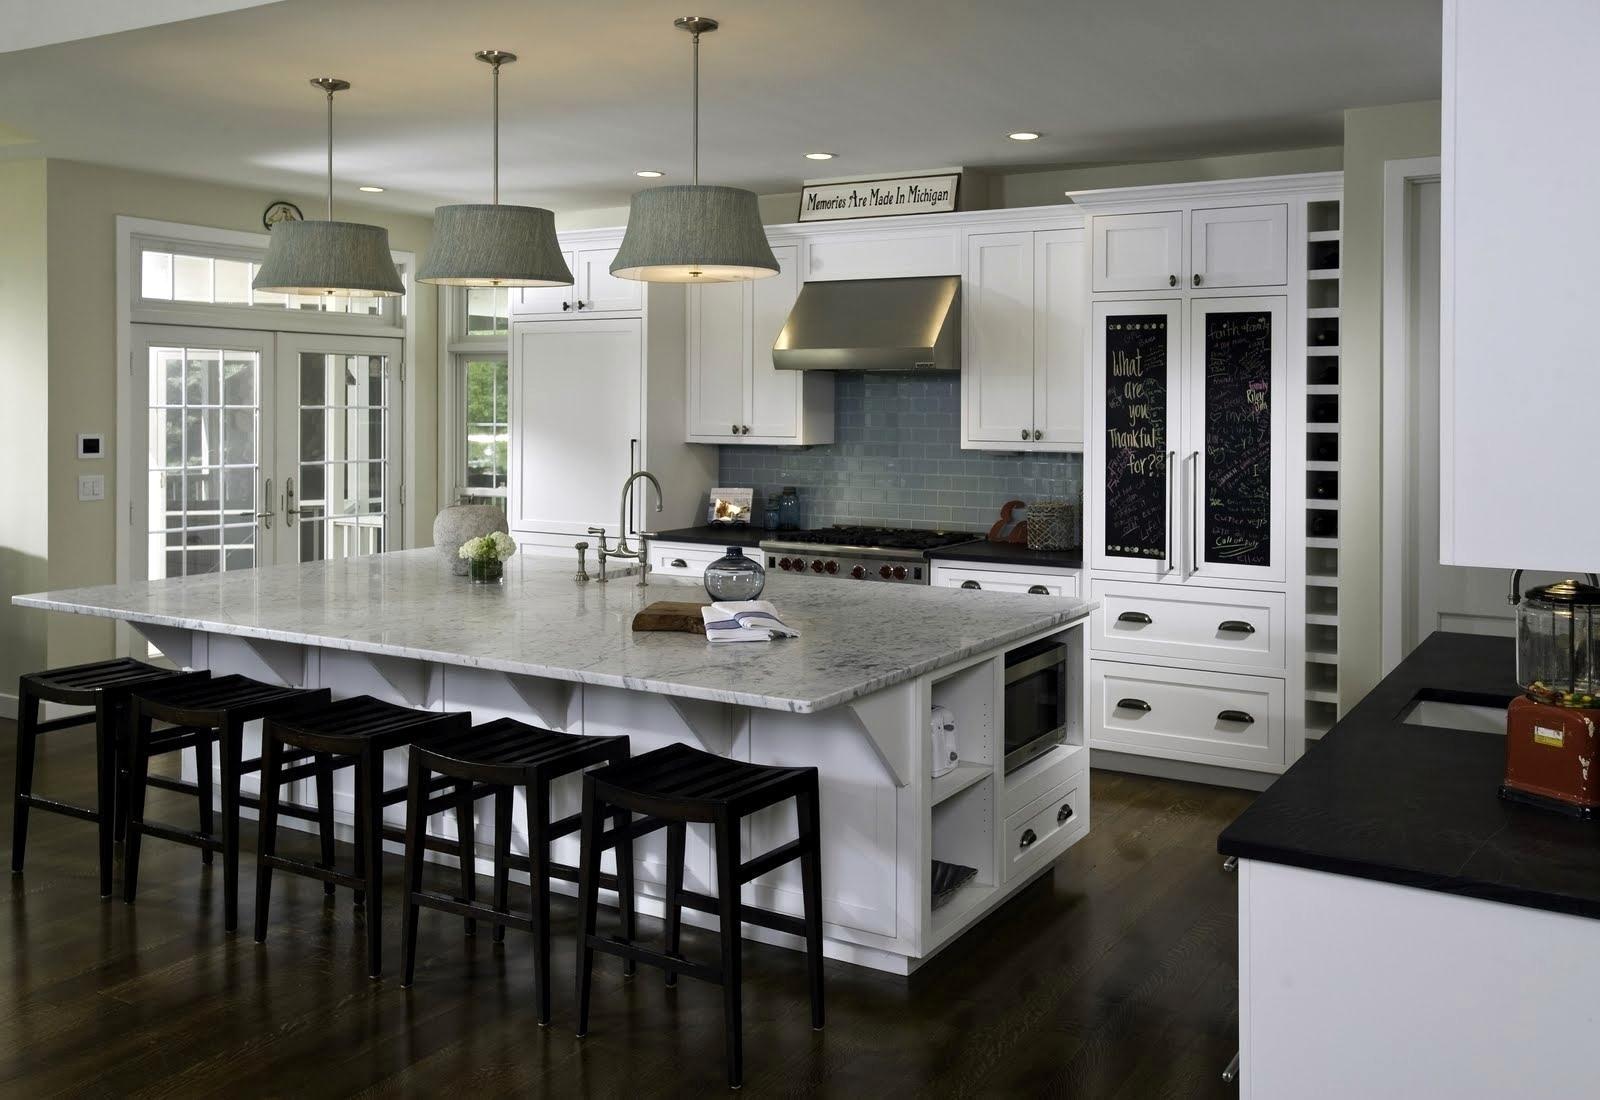 Kitchen Islands Seating Large Soar Kitchen Design Small Kitchen Island With Sink White Kitchen Design